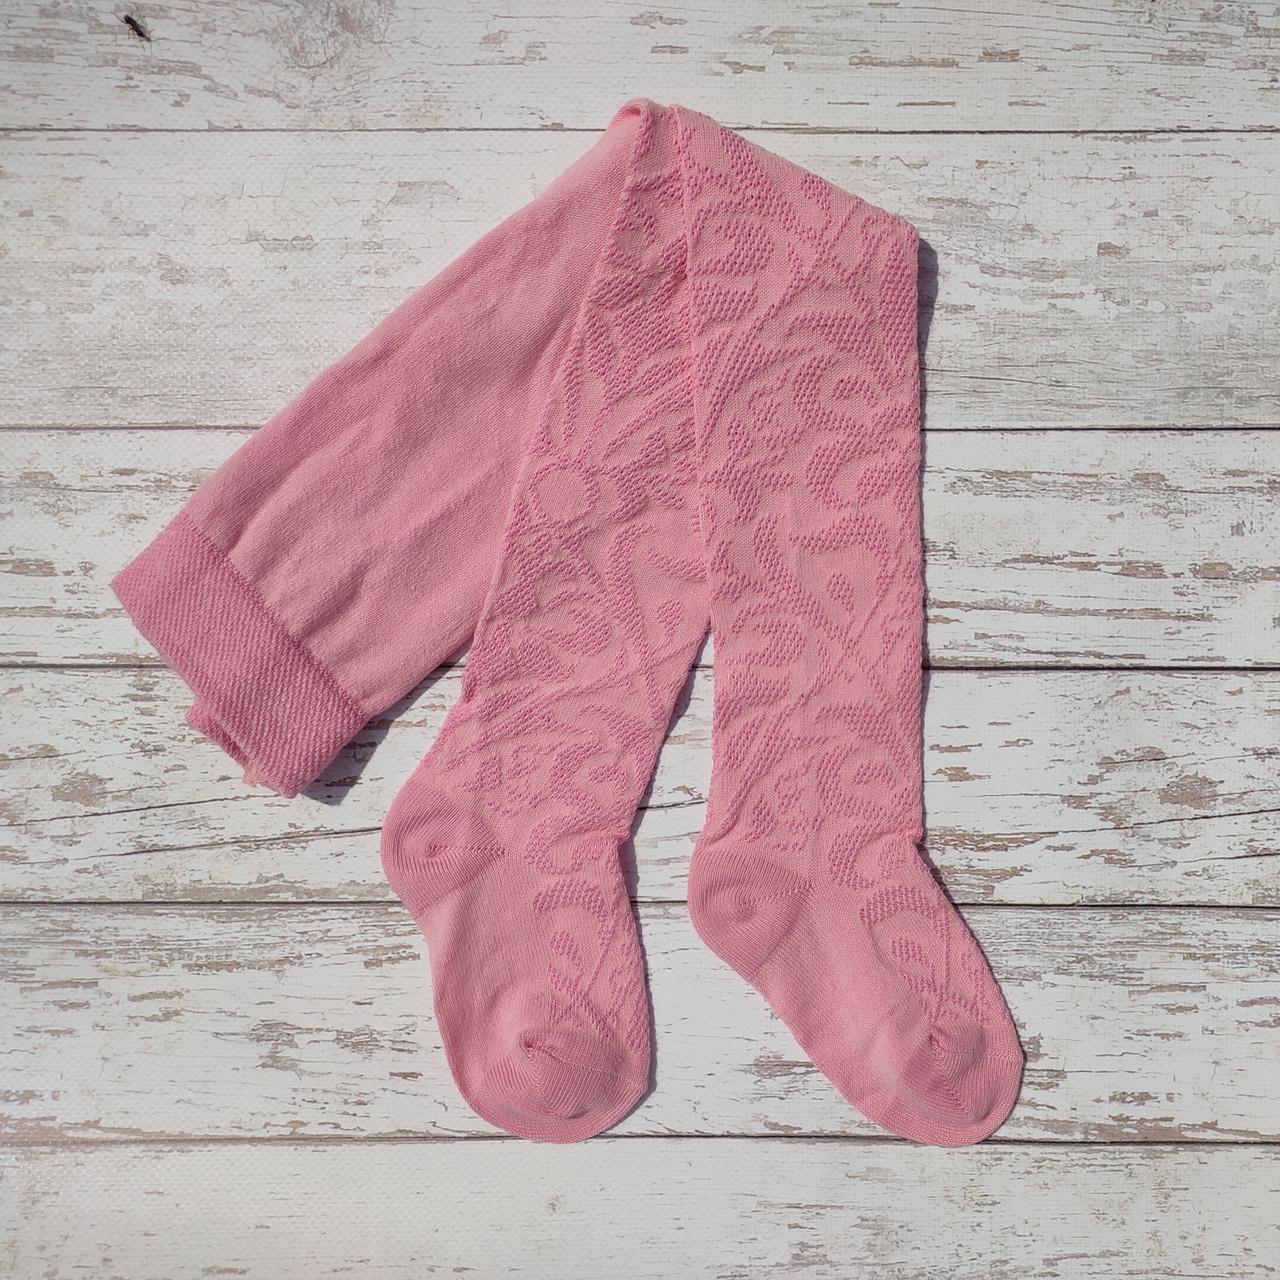 """Розовые детские демисезонные колготки ТМ """"Дюна"""" с нежным узором. Размер: 74-80"""